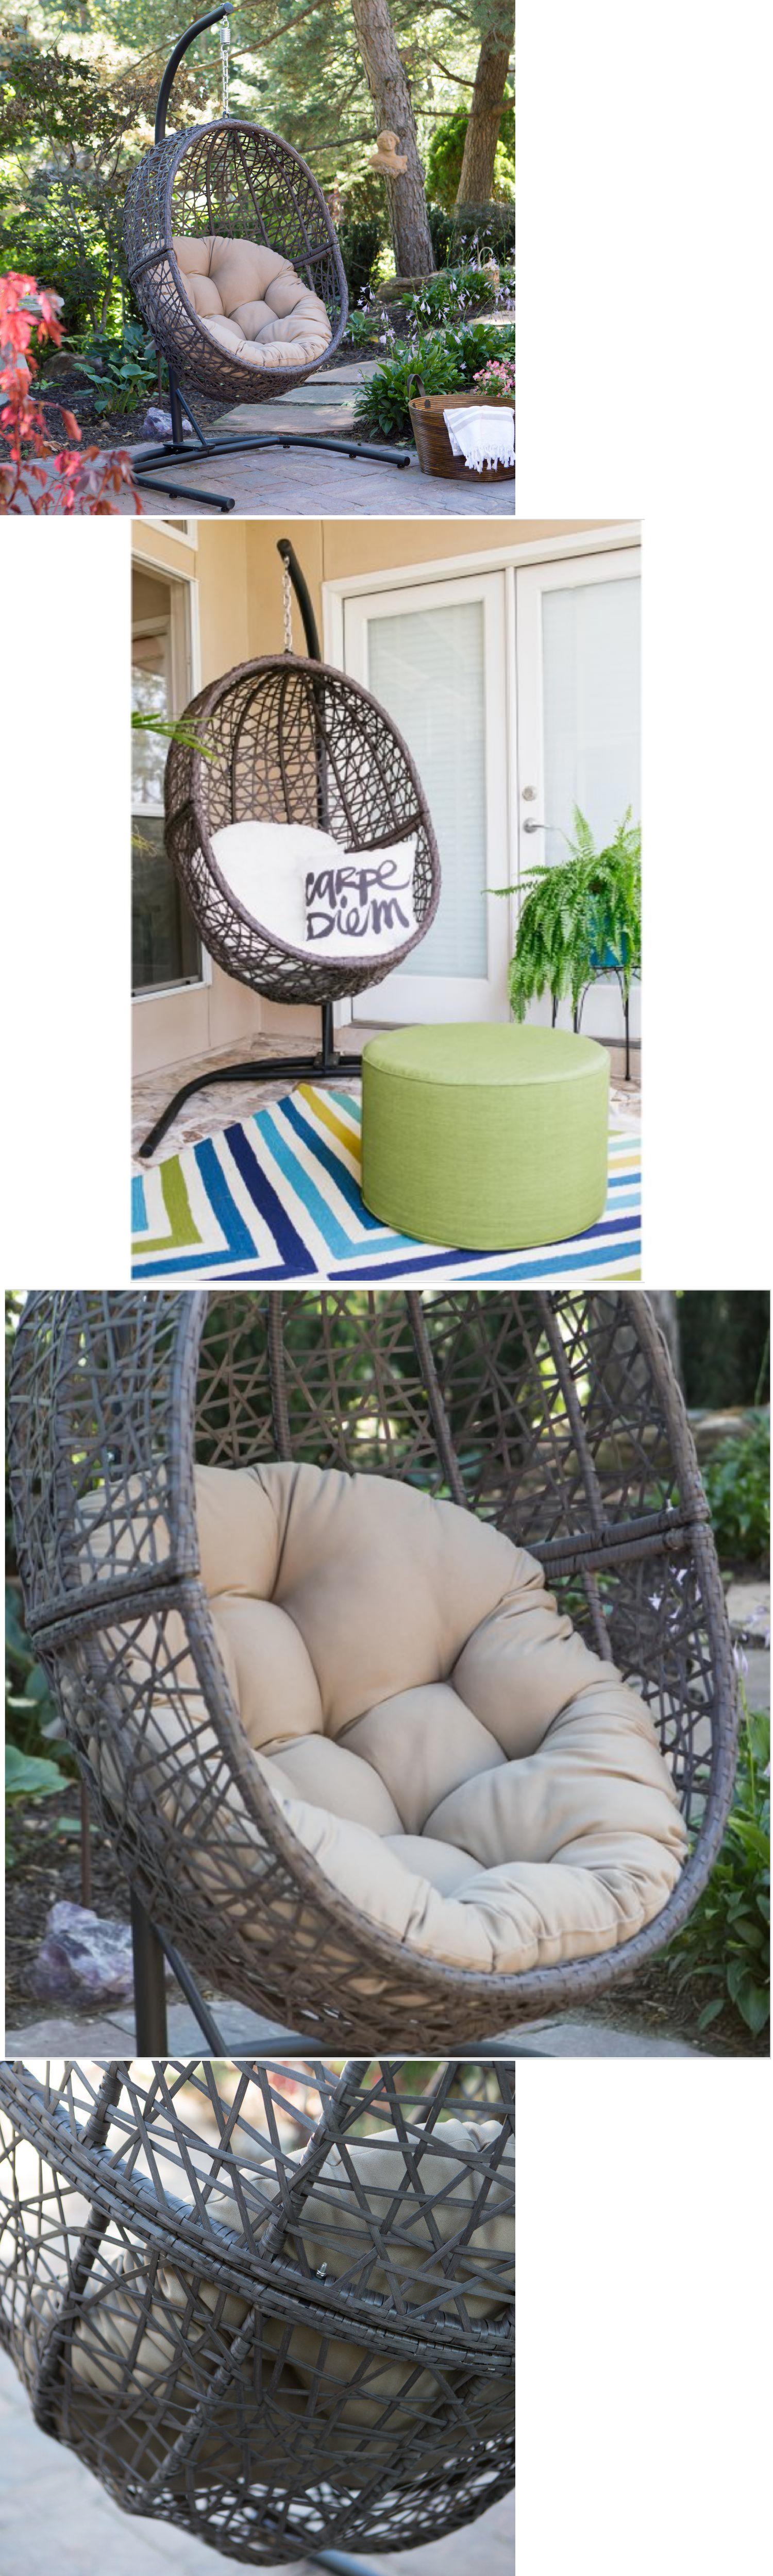 Swings outdoor swing hanging chair hammock egg wicker porch